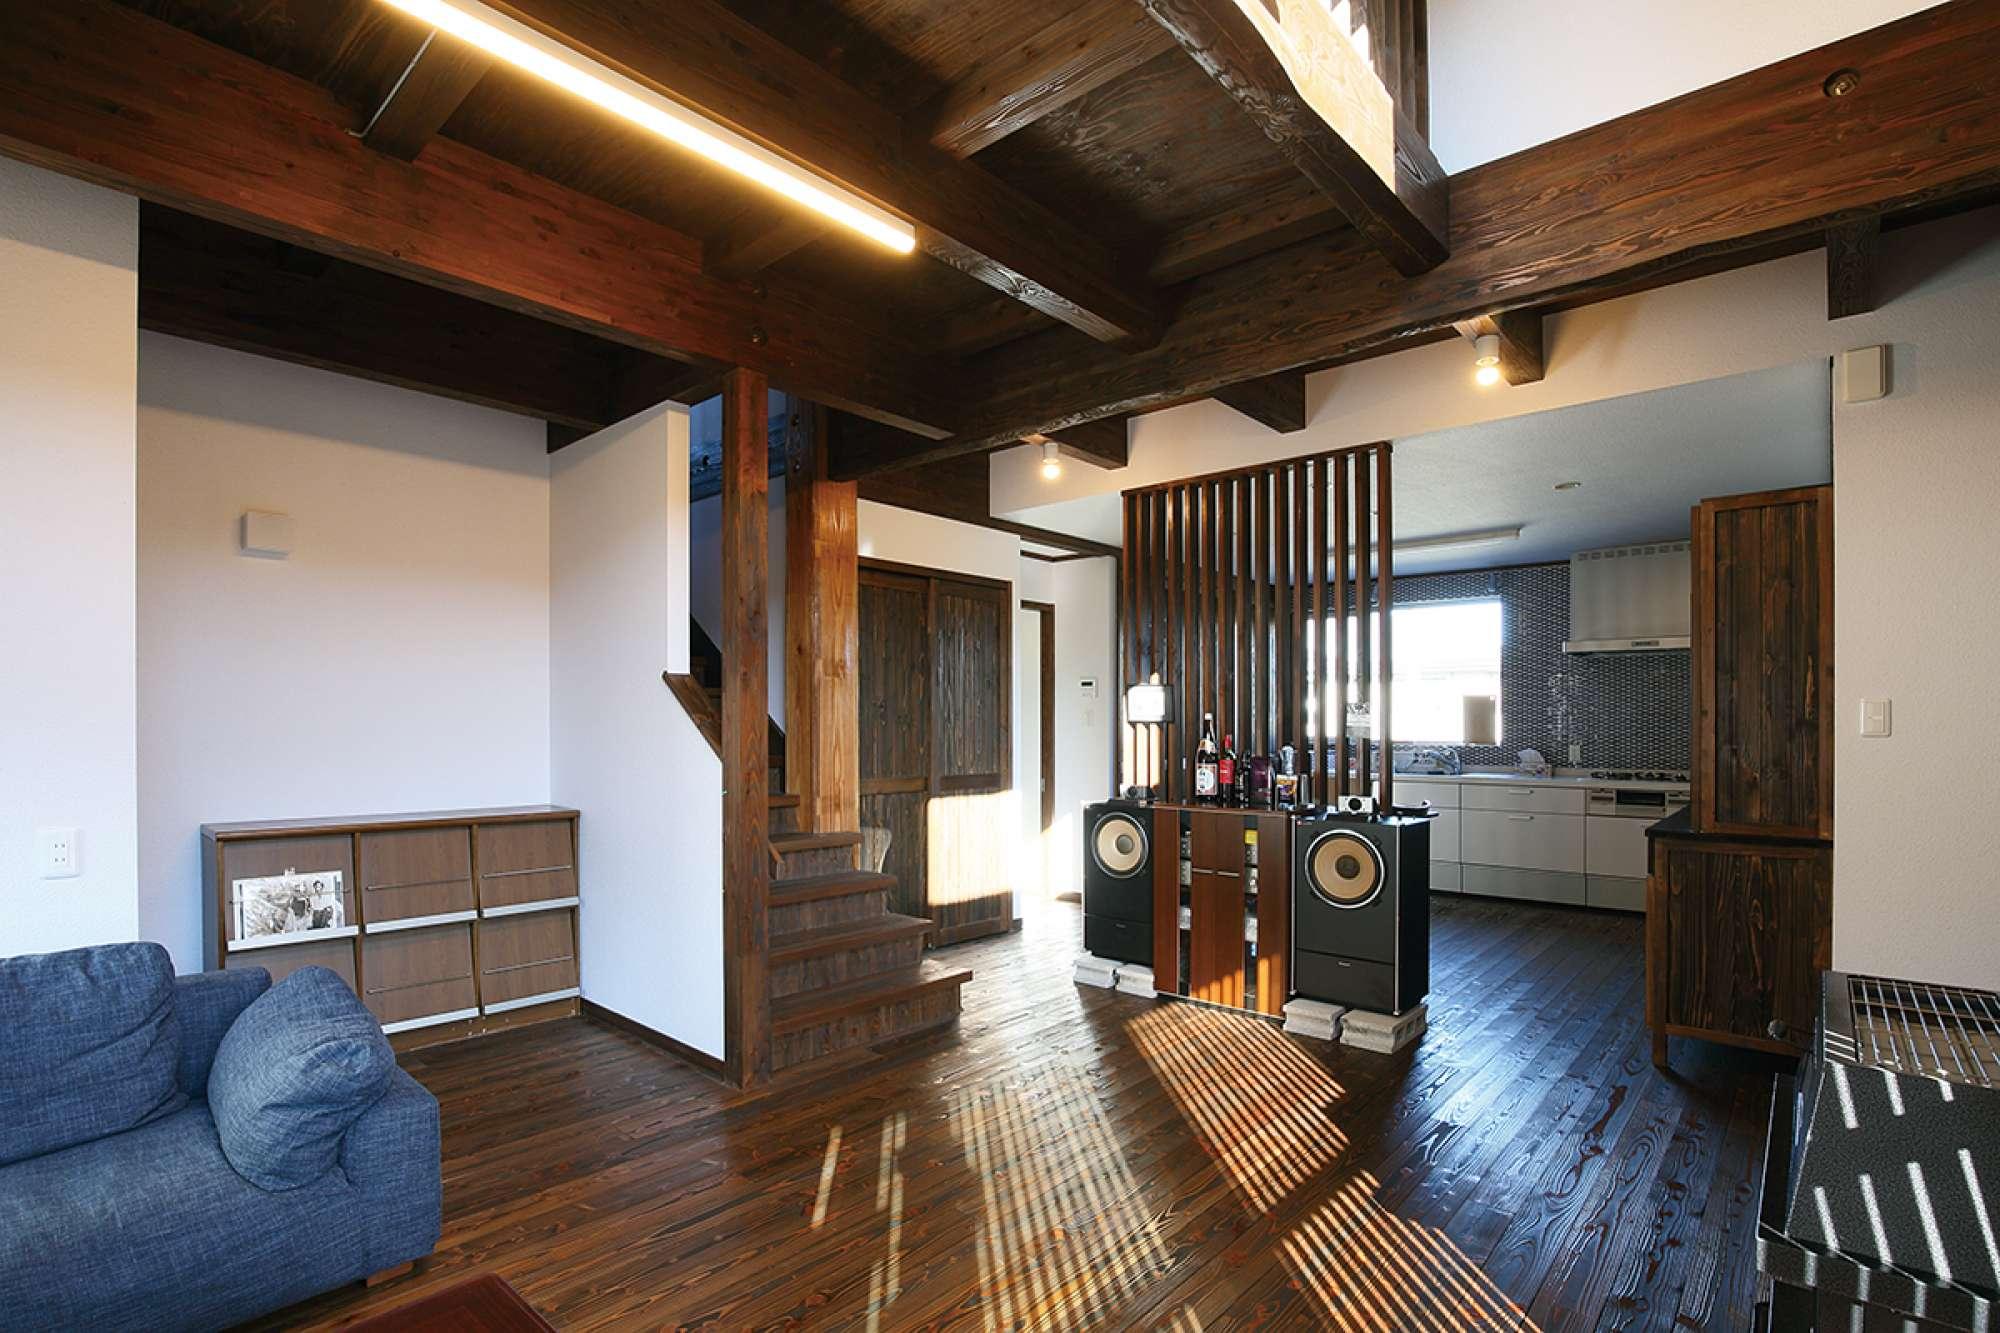 天井までの高さのルーバーパーテーションで、一体感を持たせつつ空間を分離 -  -  -